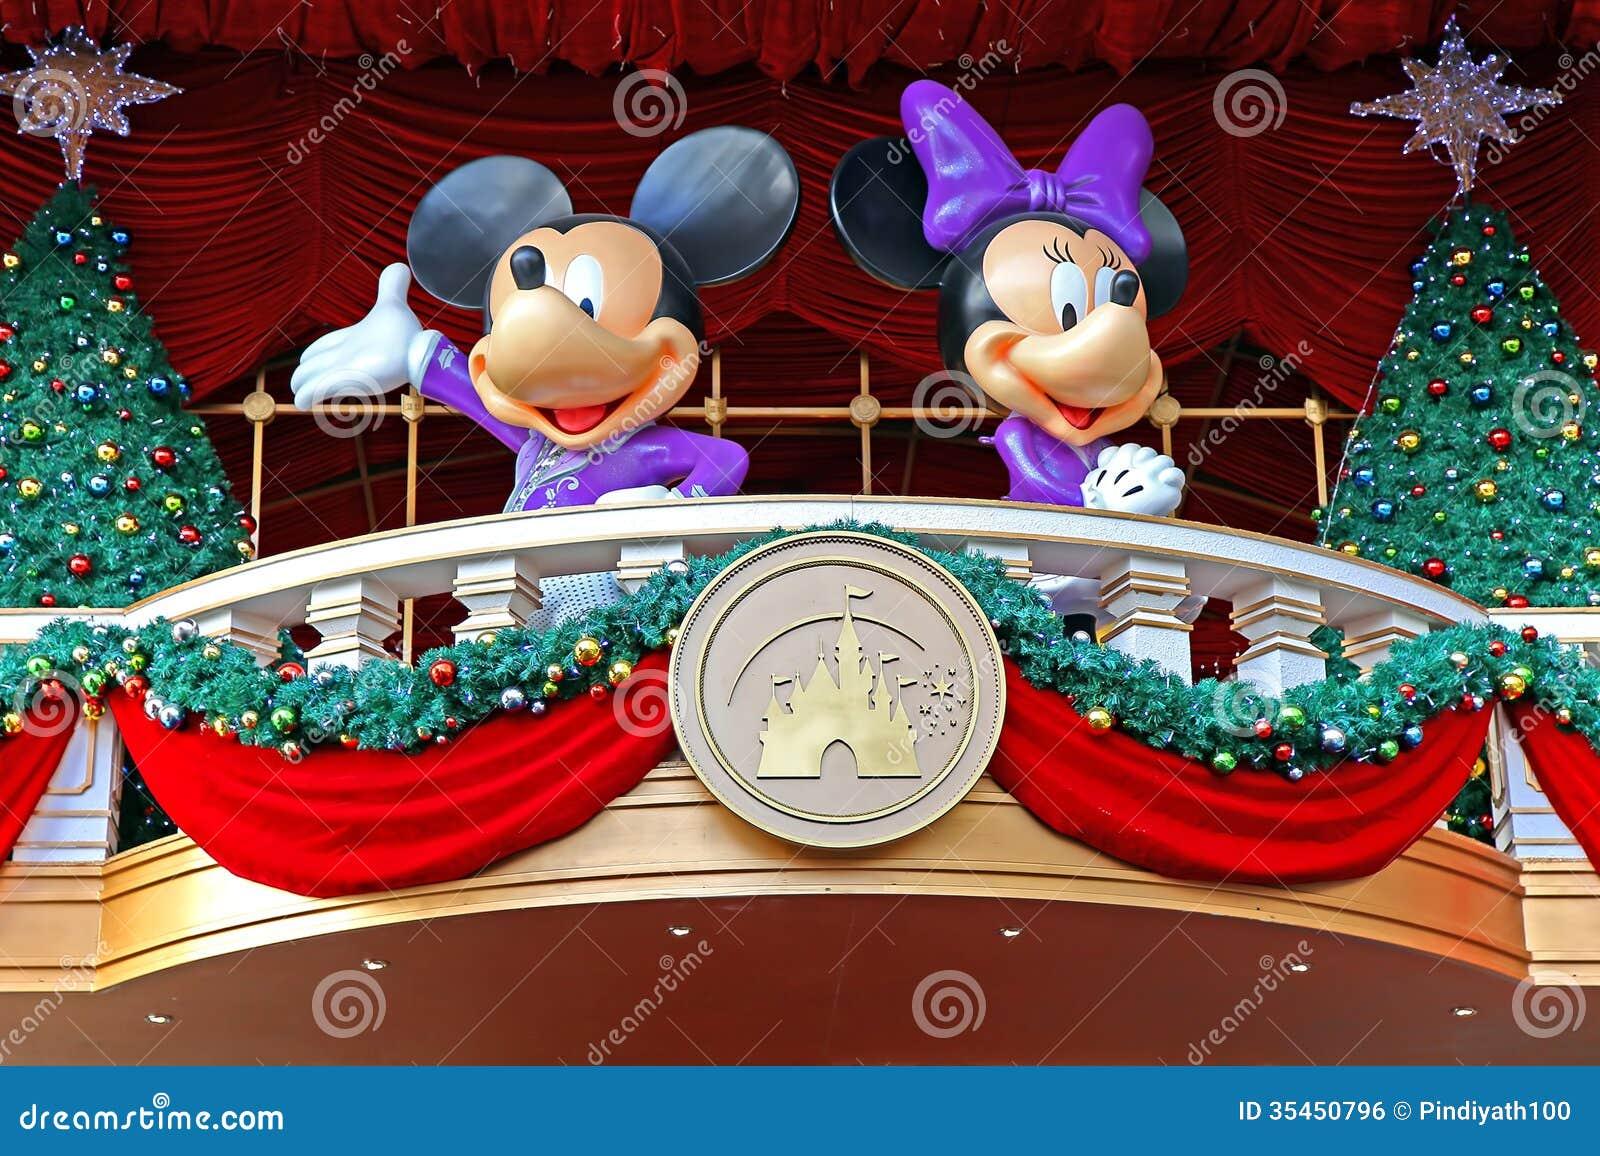 Decoración de la Navidad del ratón de Mickey y de minnie